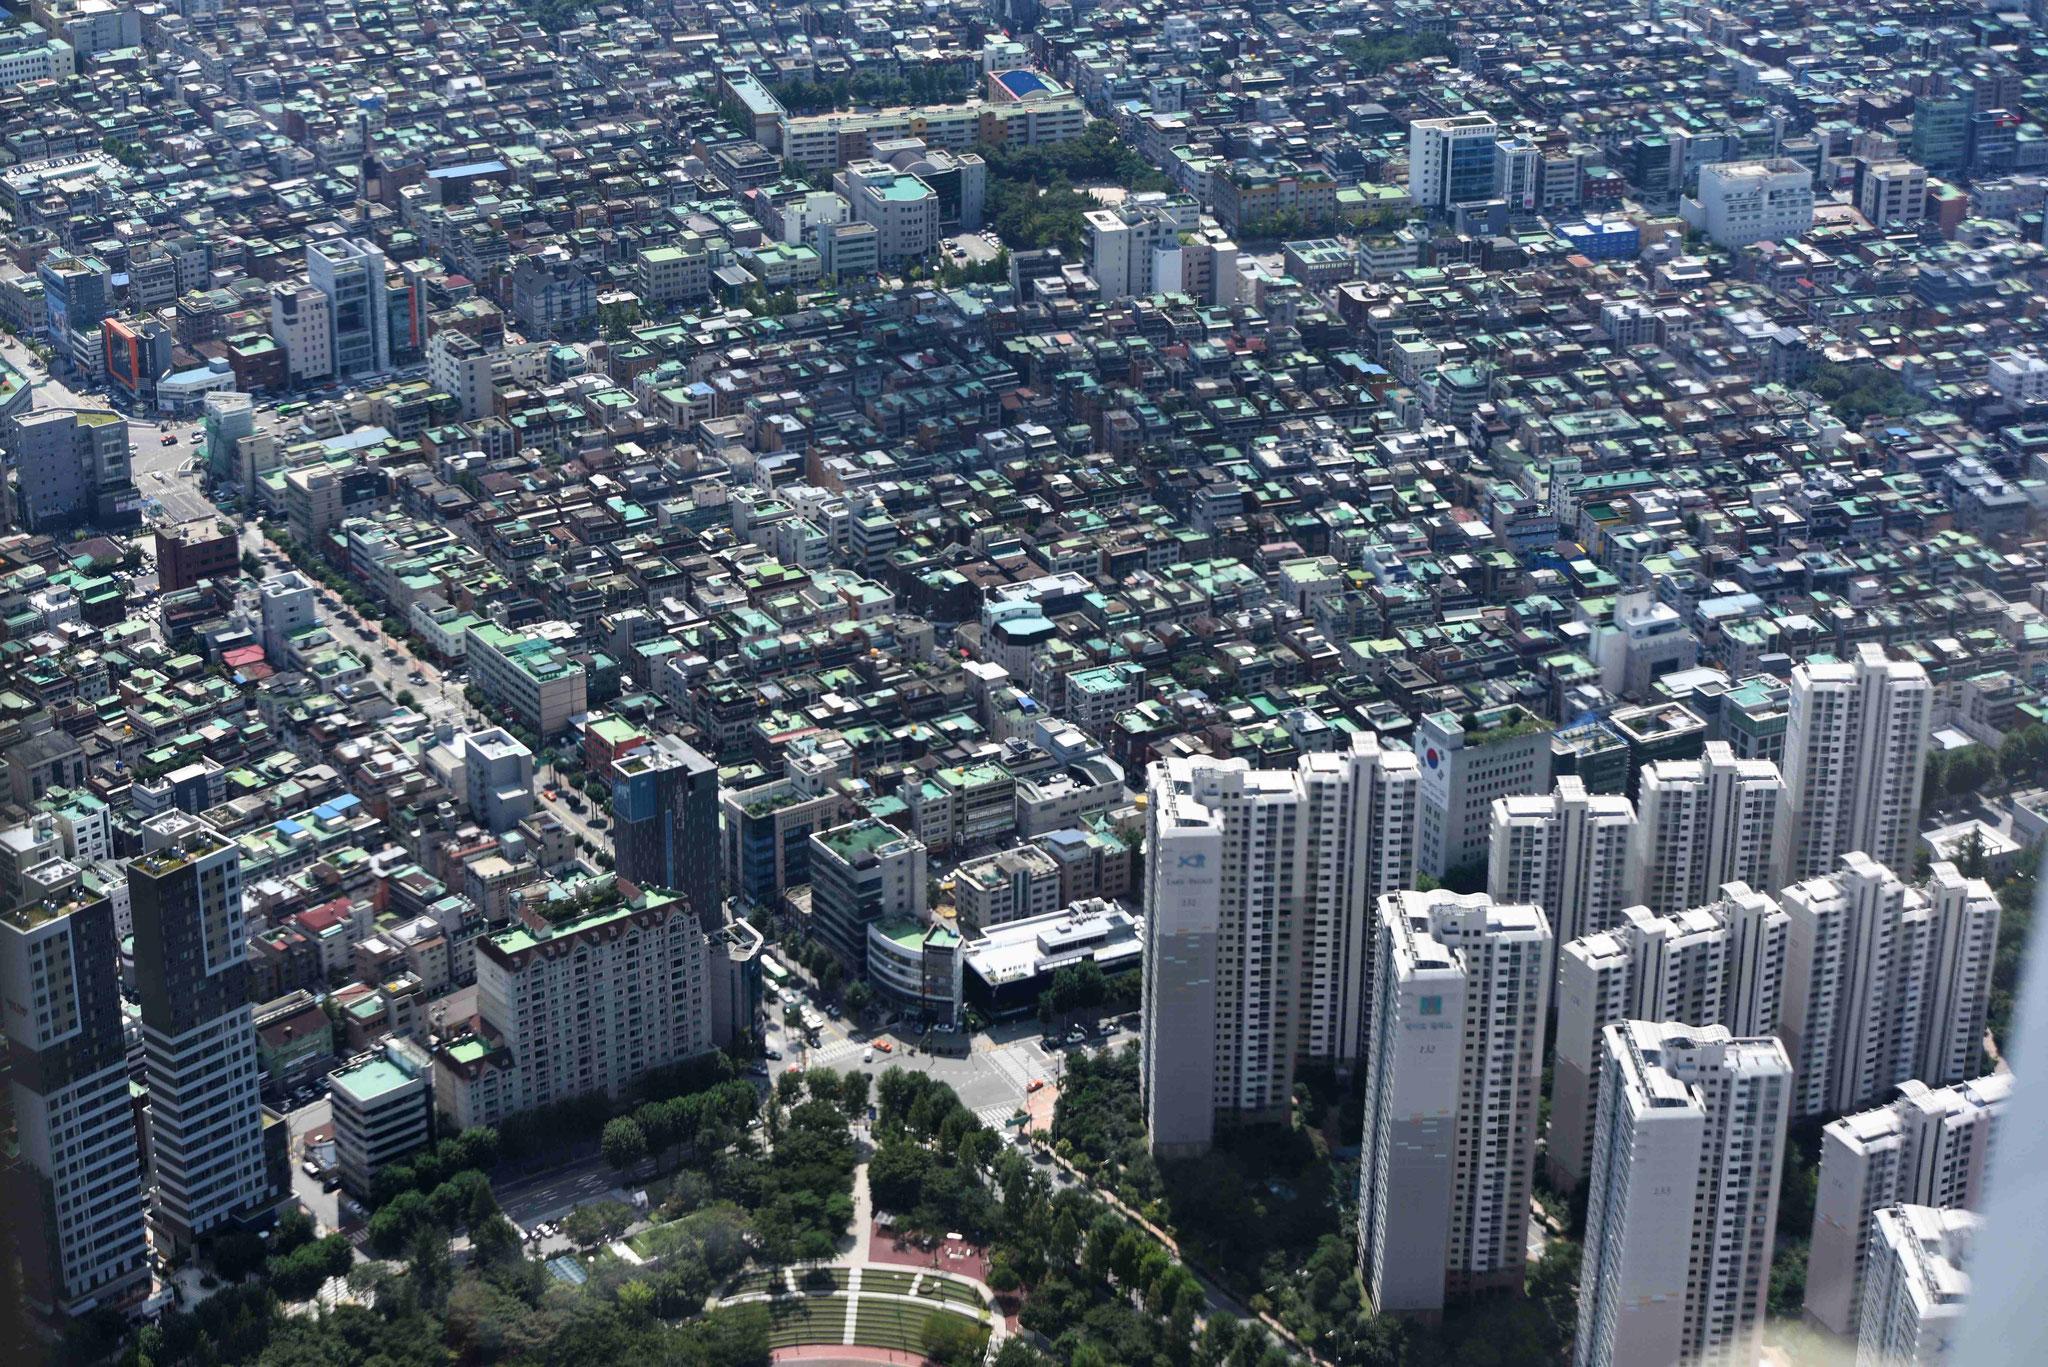 Wolkenkratzer und kleine Wohnhäuser sind dicht beieinander